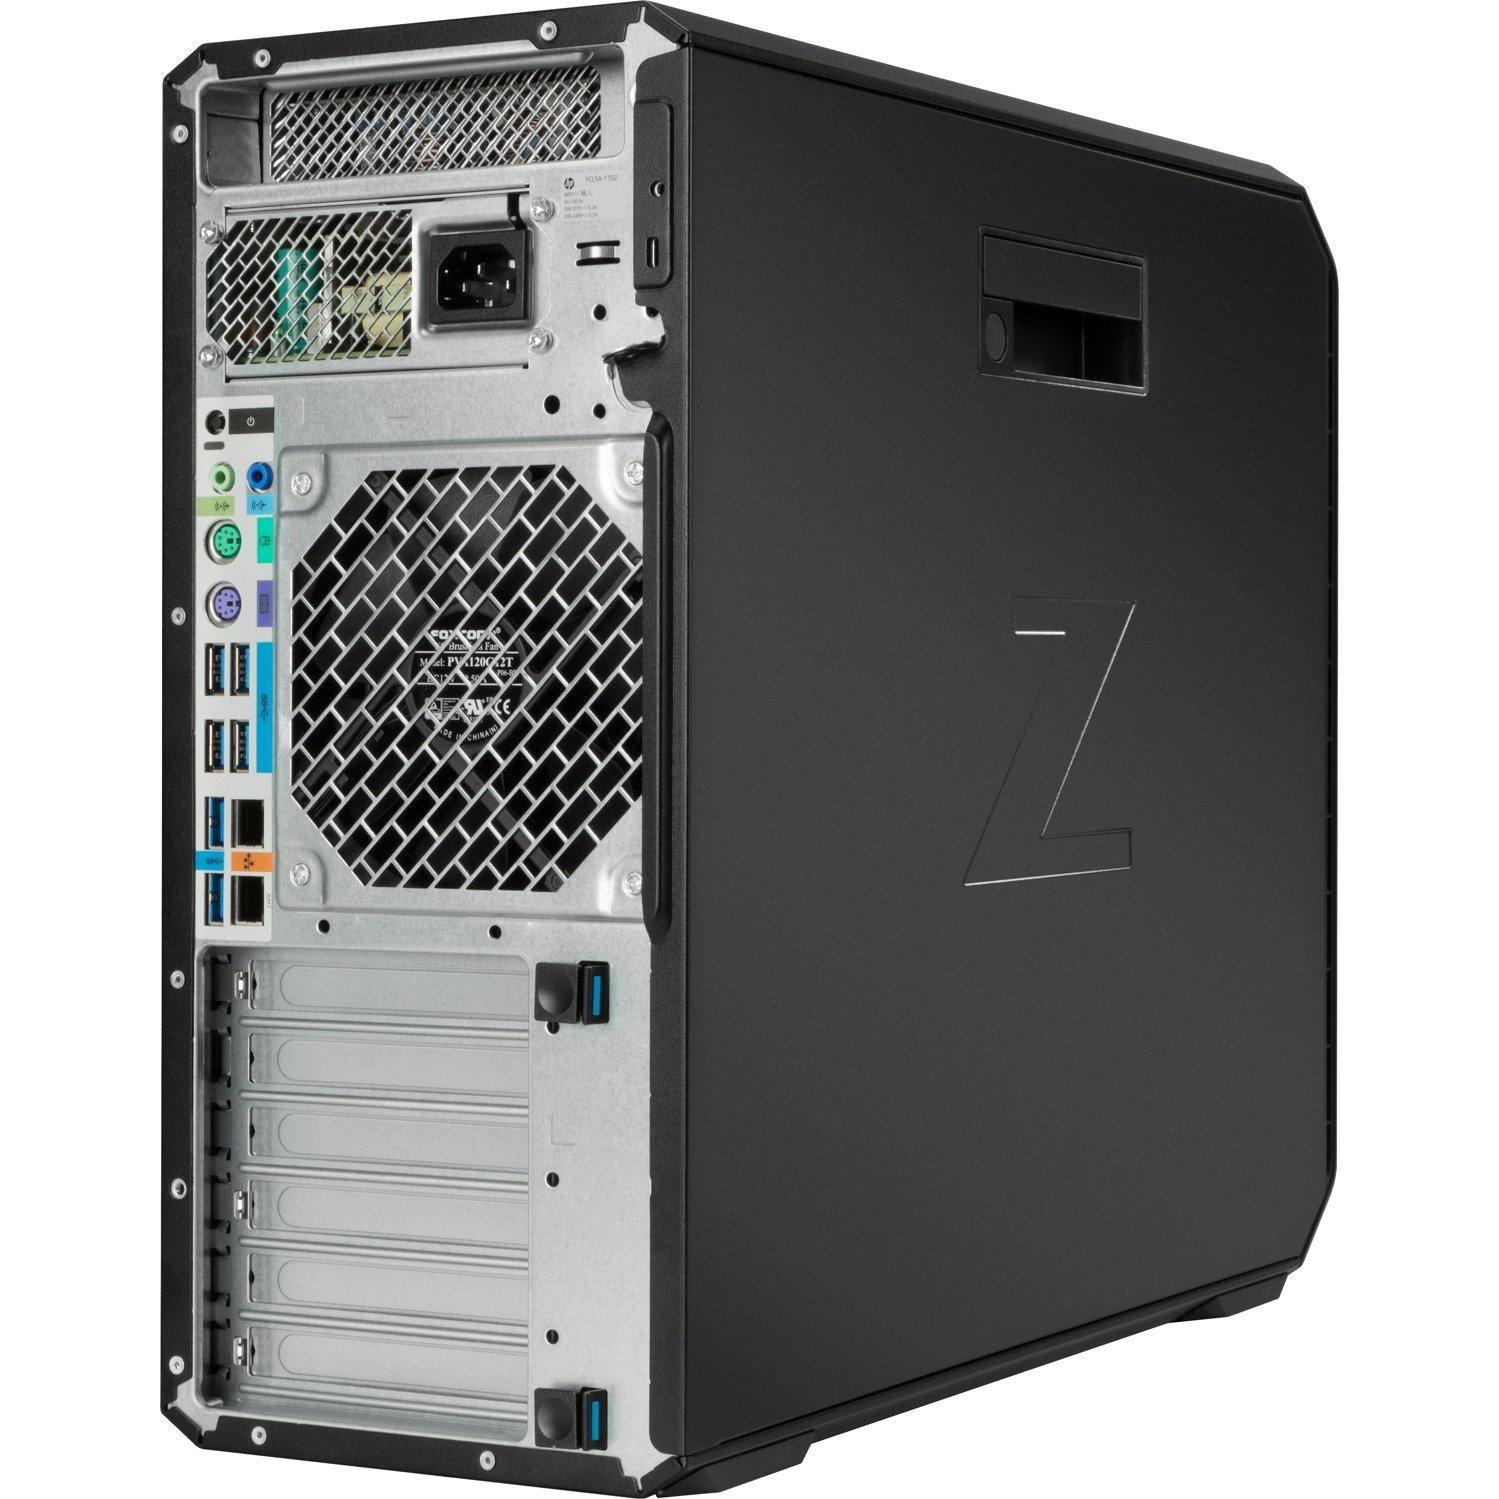 HP Z4 G4 Workstation - 1 x Intel Xeon Hexa-core (6 Core) W-2133 3.60 GHz - 32 GB DDR4 SDRAM RAM - 1 TB HDD - 1 TB SSD - Mini-tower - Black